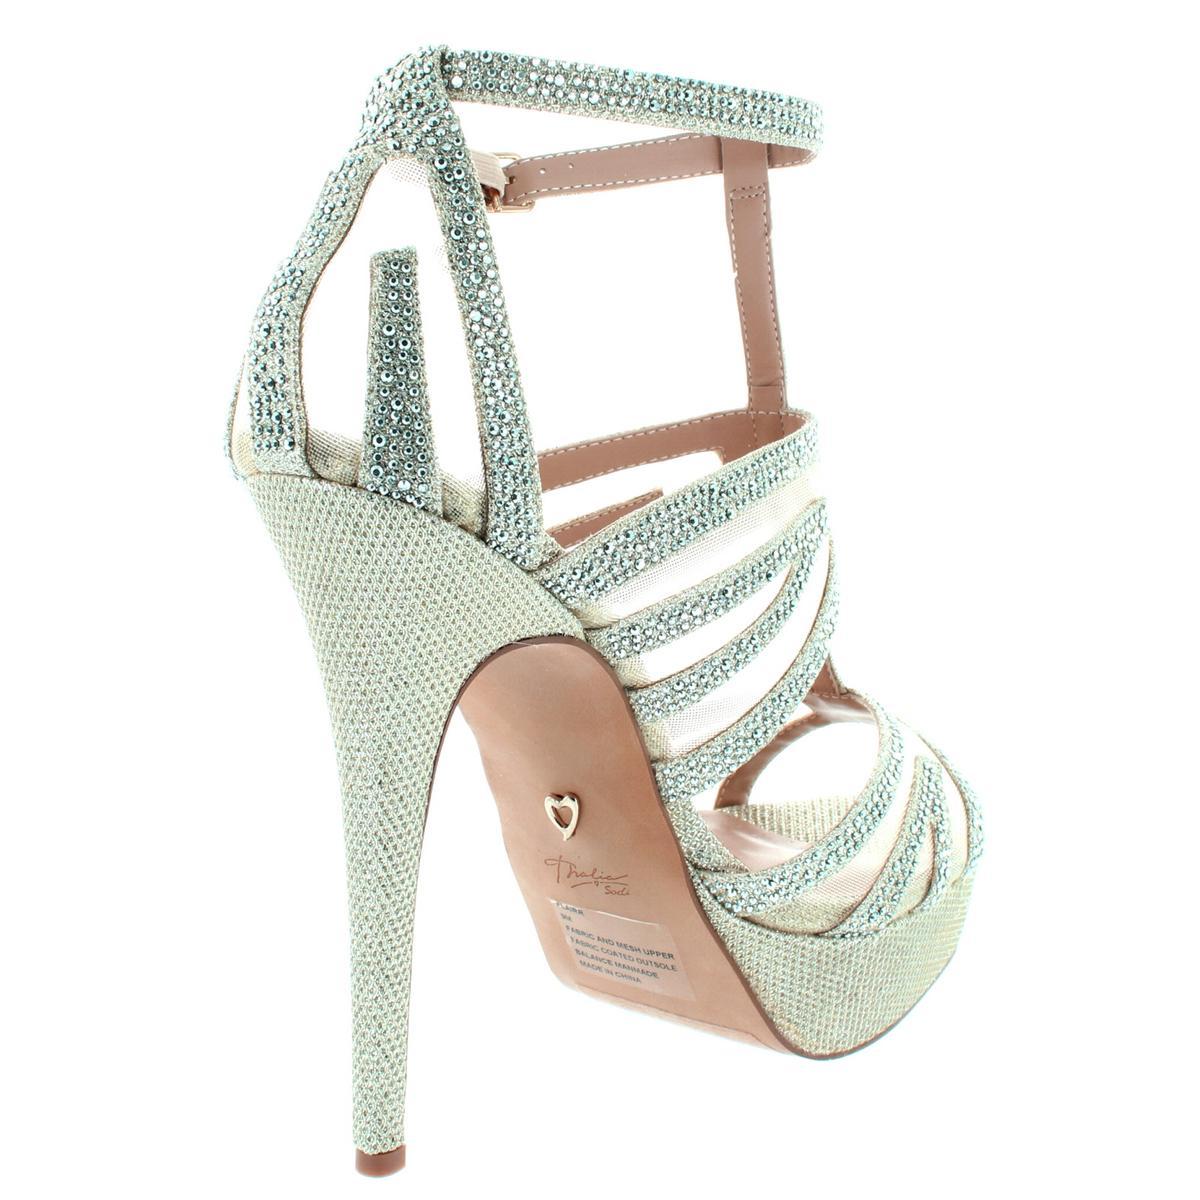 Thalia-Sodi-Womens-Flairr-Stilettos-Open-Toe-Evening-Heels-Platforms-BHFO-3444 thumbnail 6